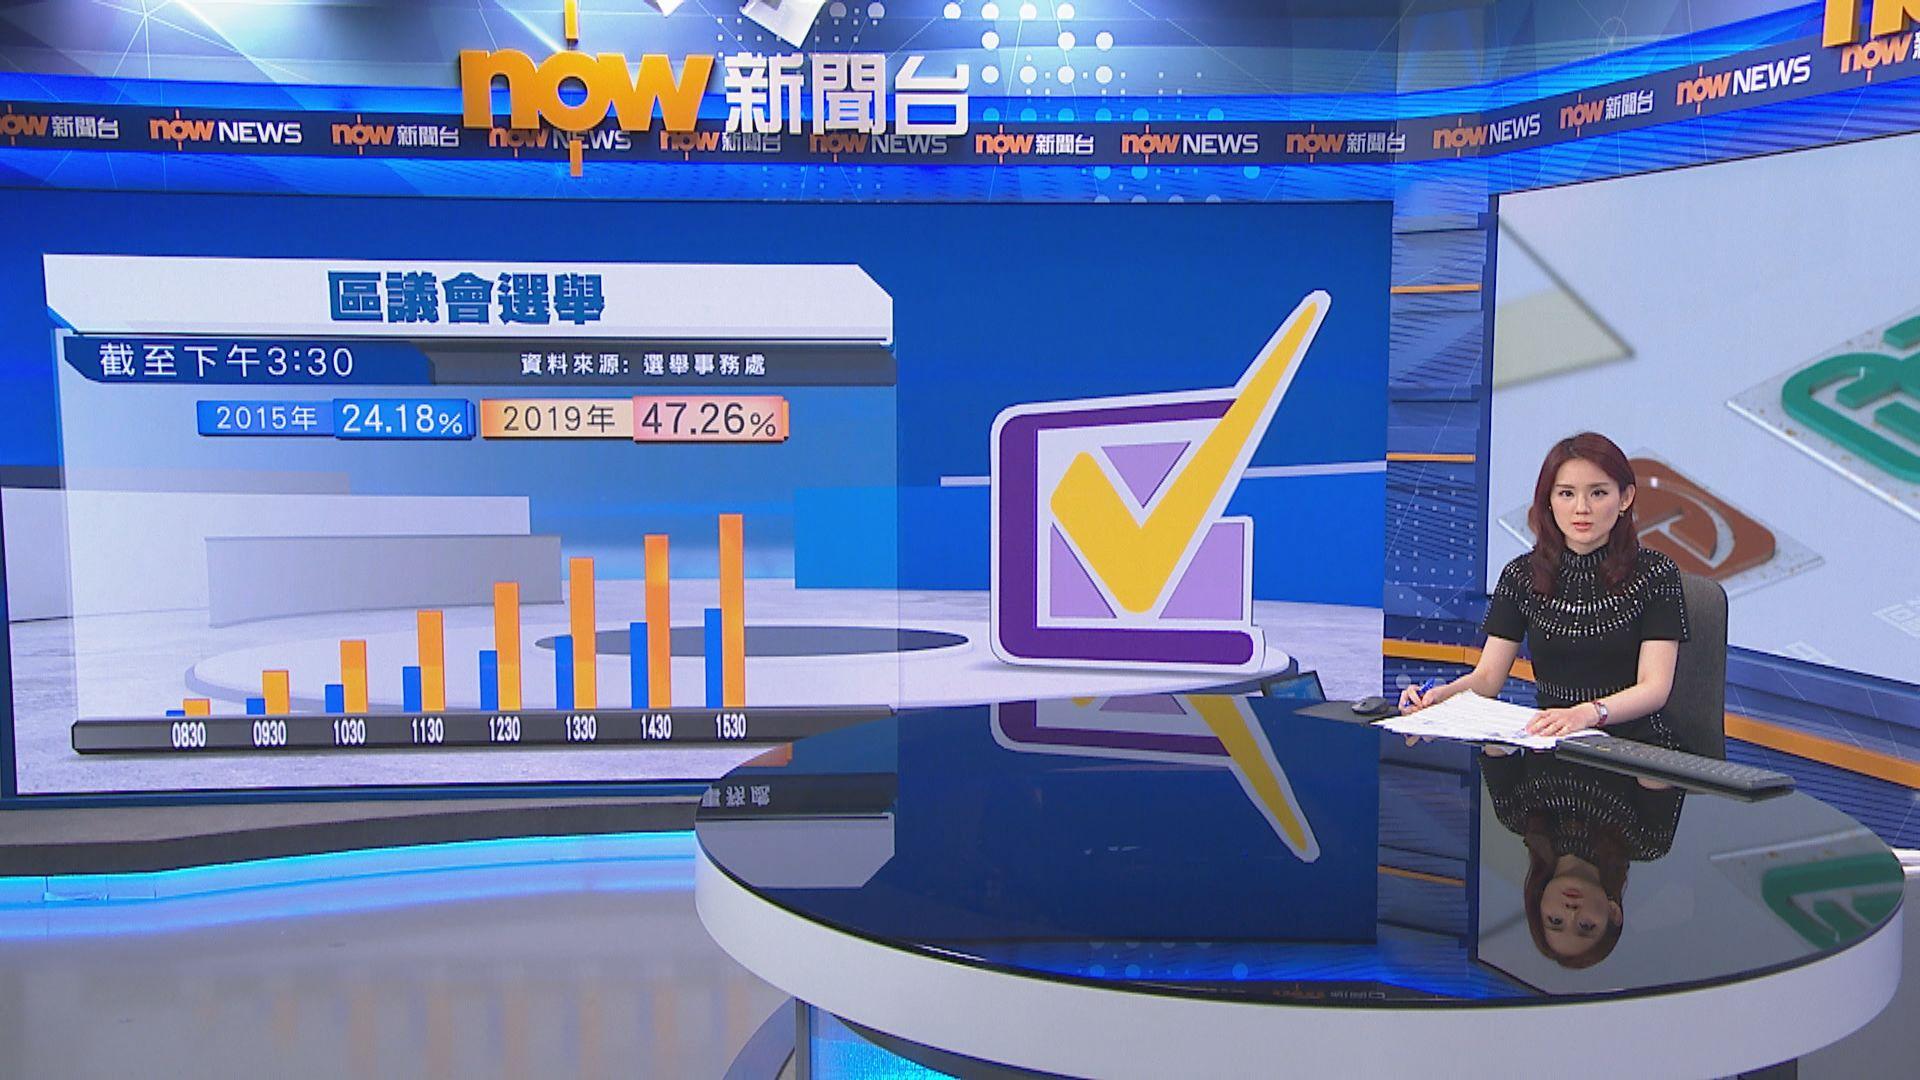 【截至1530】投票率47.26% 破歷屆區選總投票率紀錄